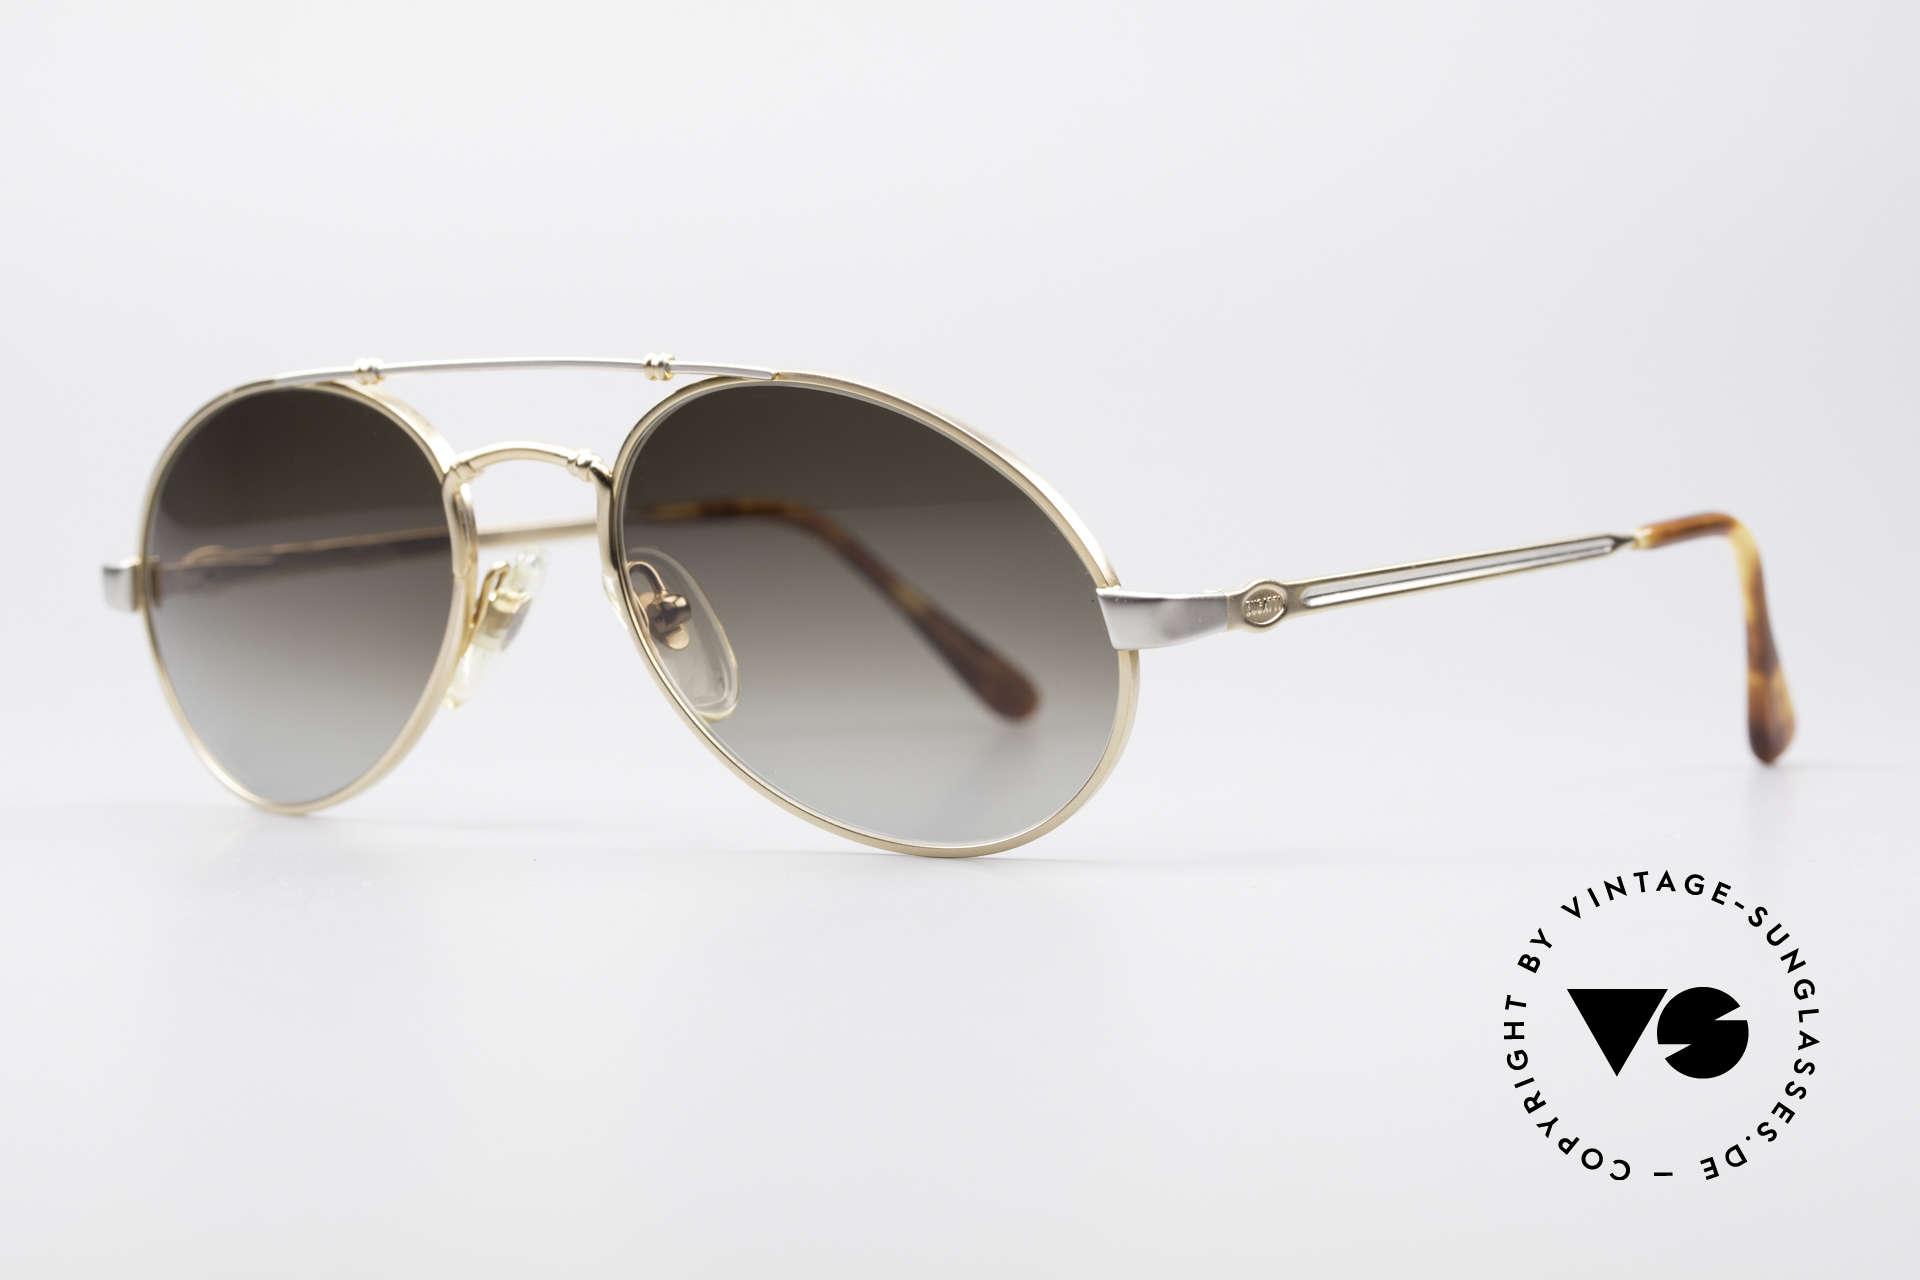 Bugatti 18503 90er Herren Sonnenbrille, edel glänzende Rahmen-Lackierung in gold und silber, Passend für Herren